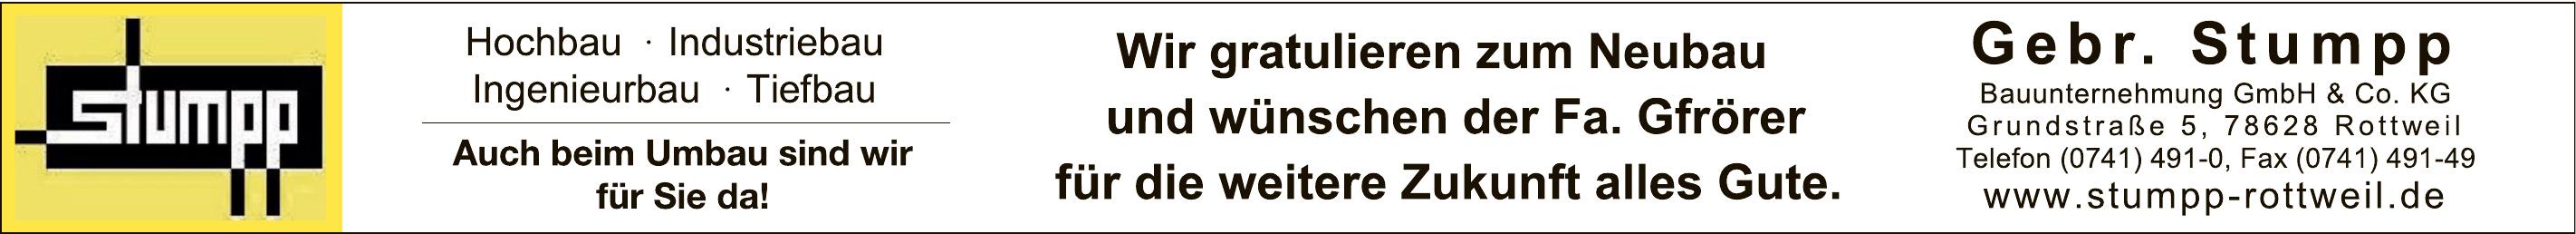 Gebr.Stumpp Bauunternehmung GmbH & Co. KG